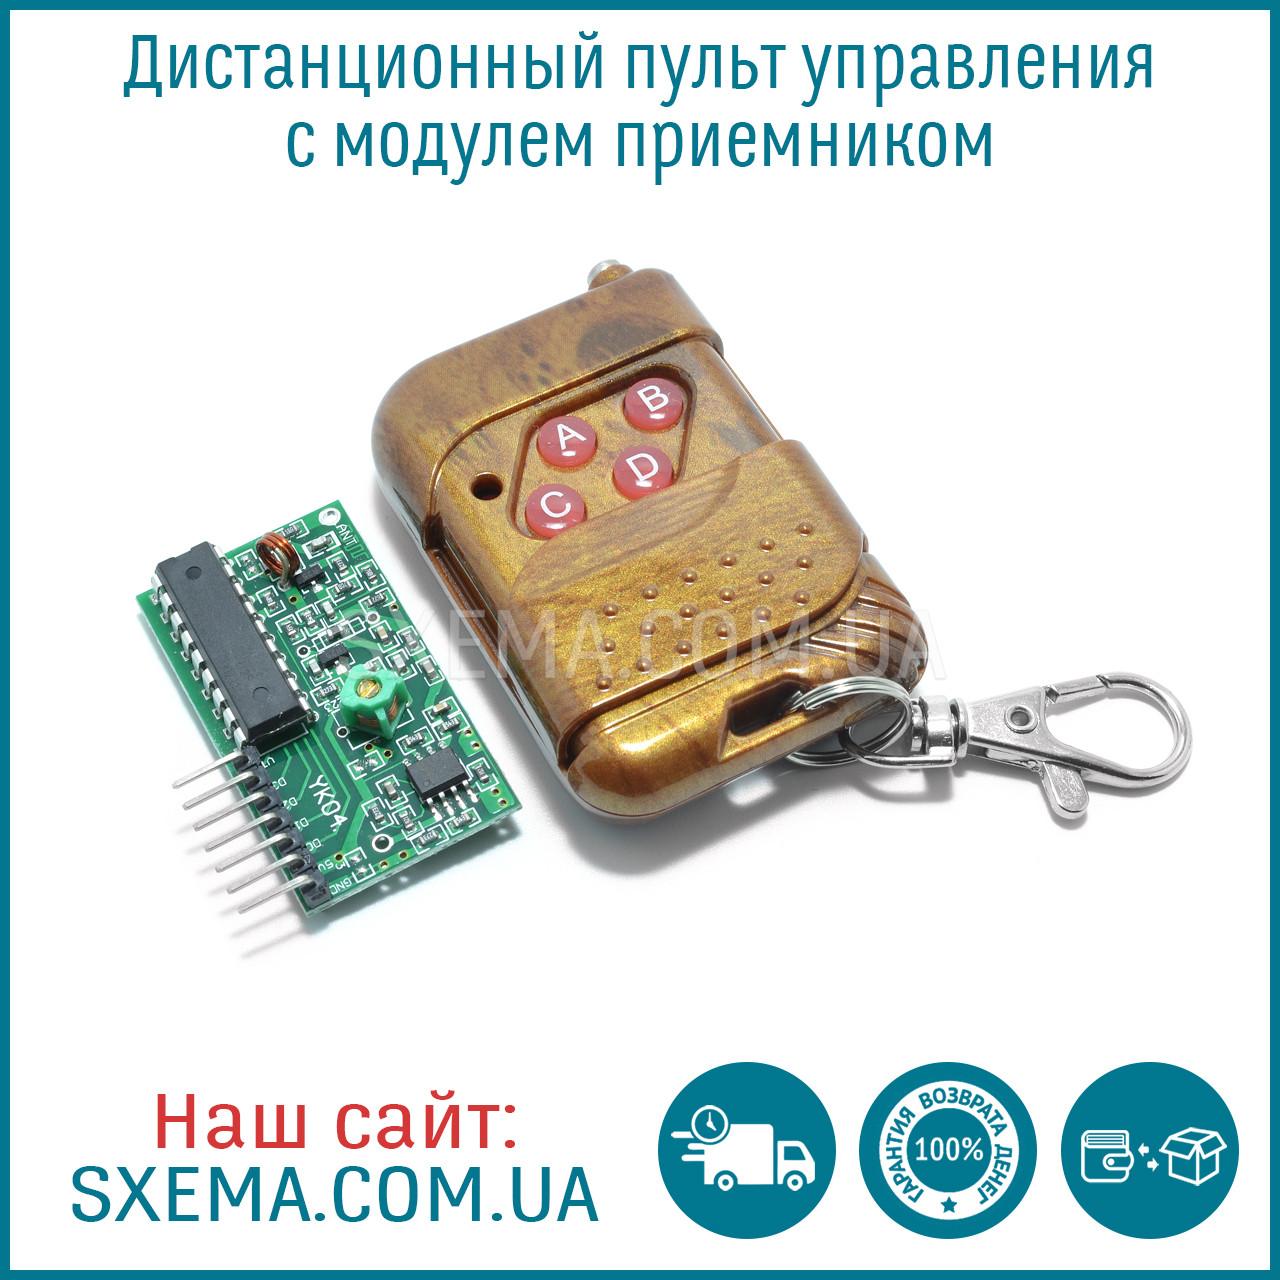 Дистанционный пульт управления с модулем приемником IC 2262/2272 4 канала 315 мГц, фото 1